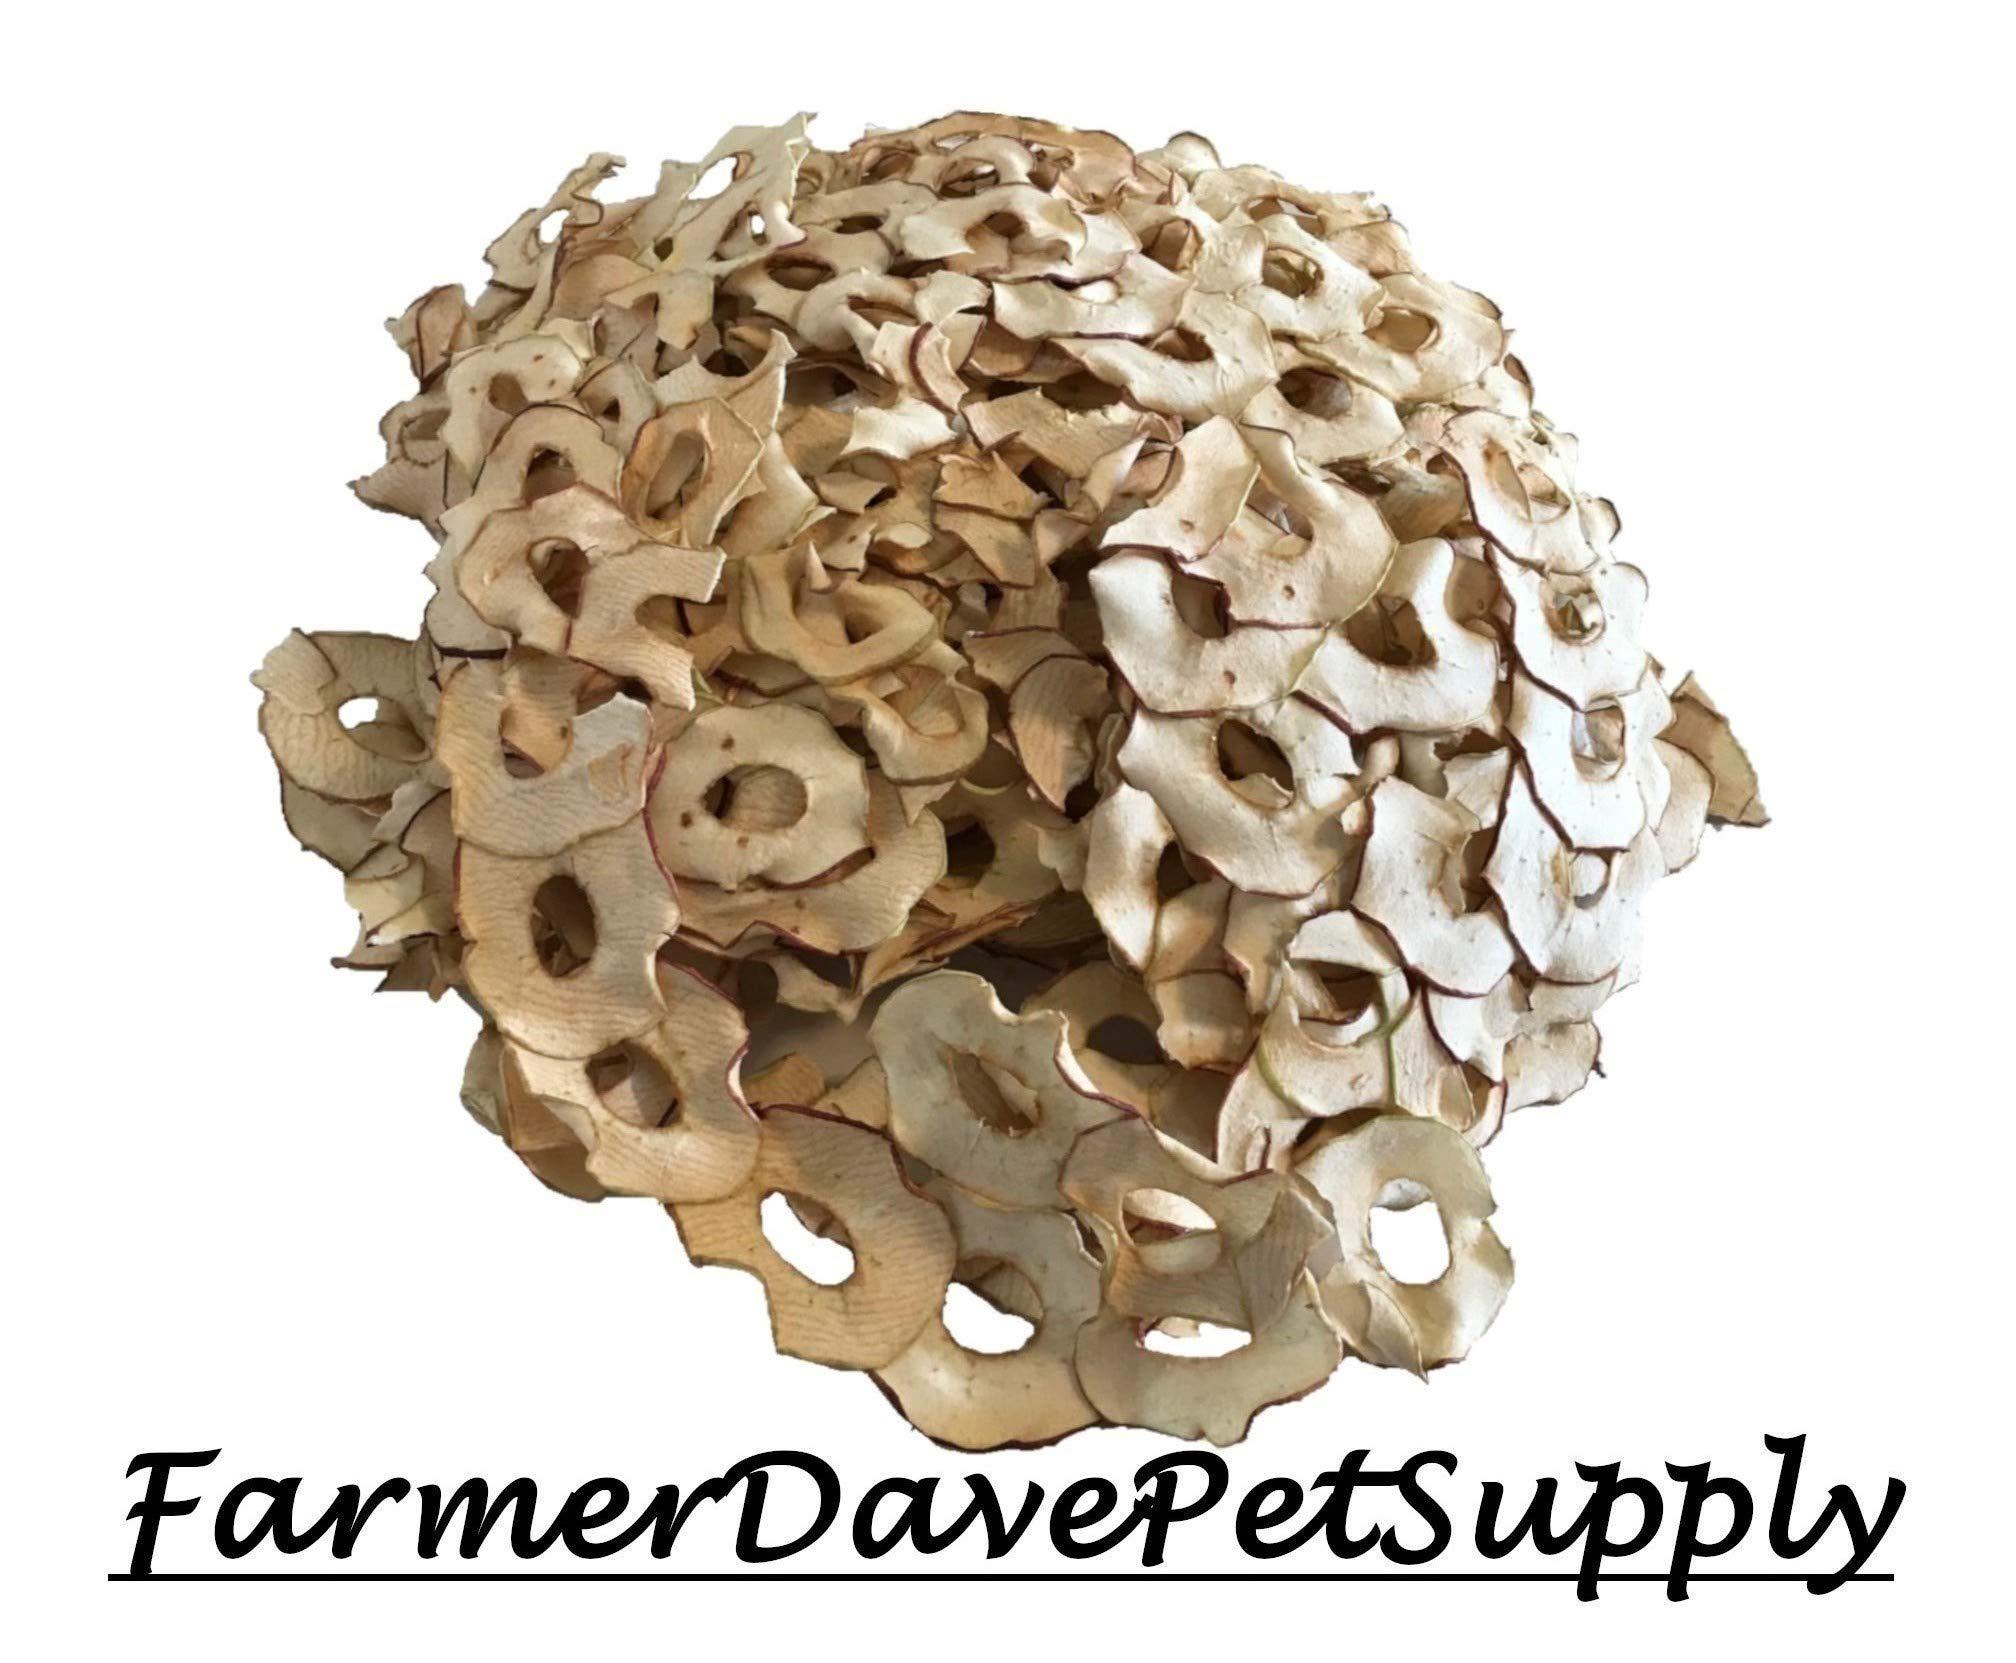 FarmerDavePetSupply Jumbo Size Apple Slice Treats for Pets by FarmerDavePetSupply